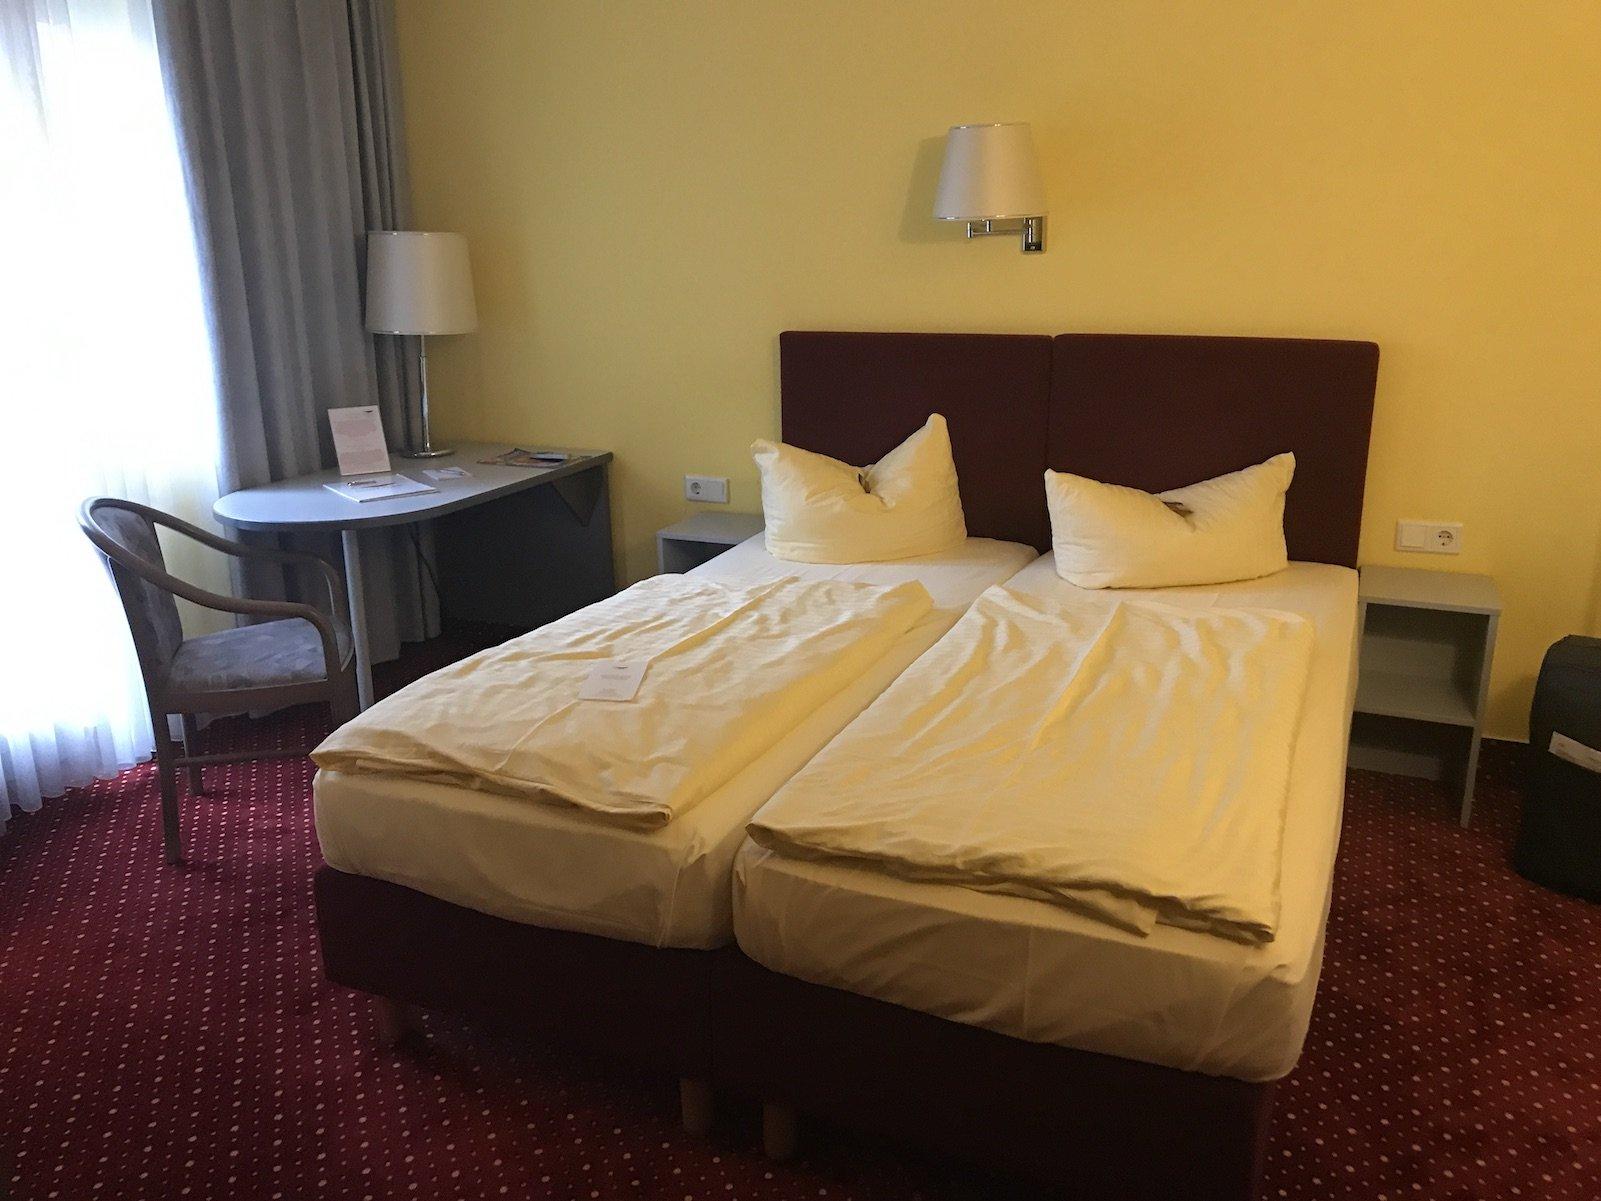 Ausreichend bemessener Platz auch um das Bett herum